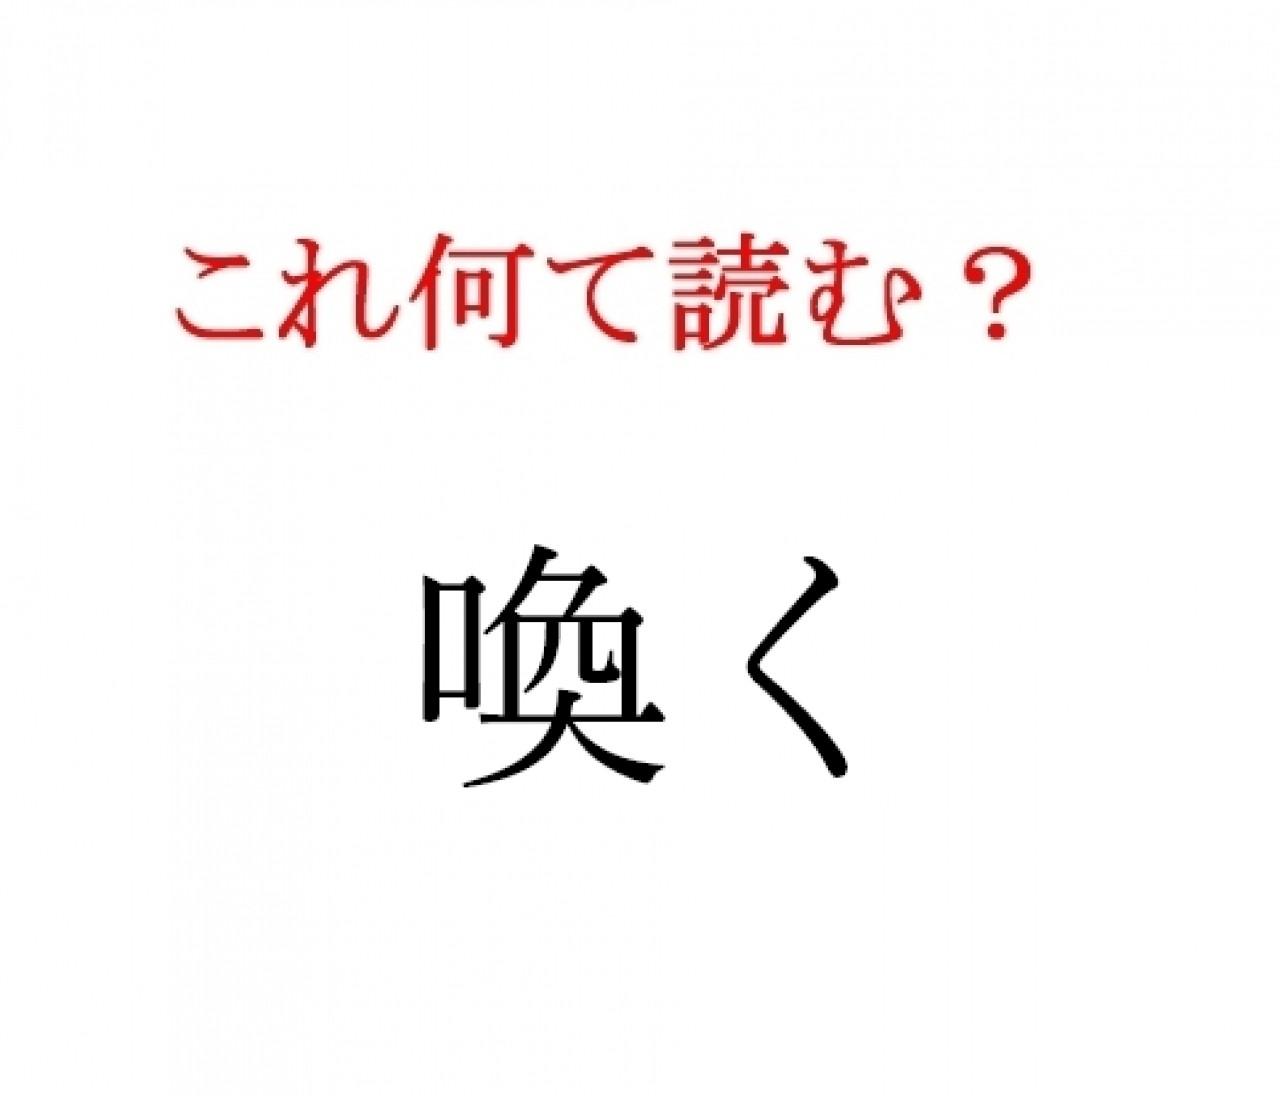 「喚く」:この漢字、自信を持って読めますか?【働く大人の漢字クイズvol.4】